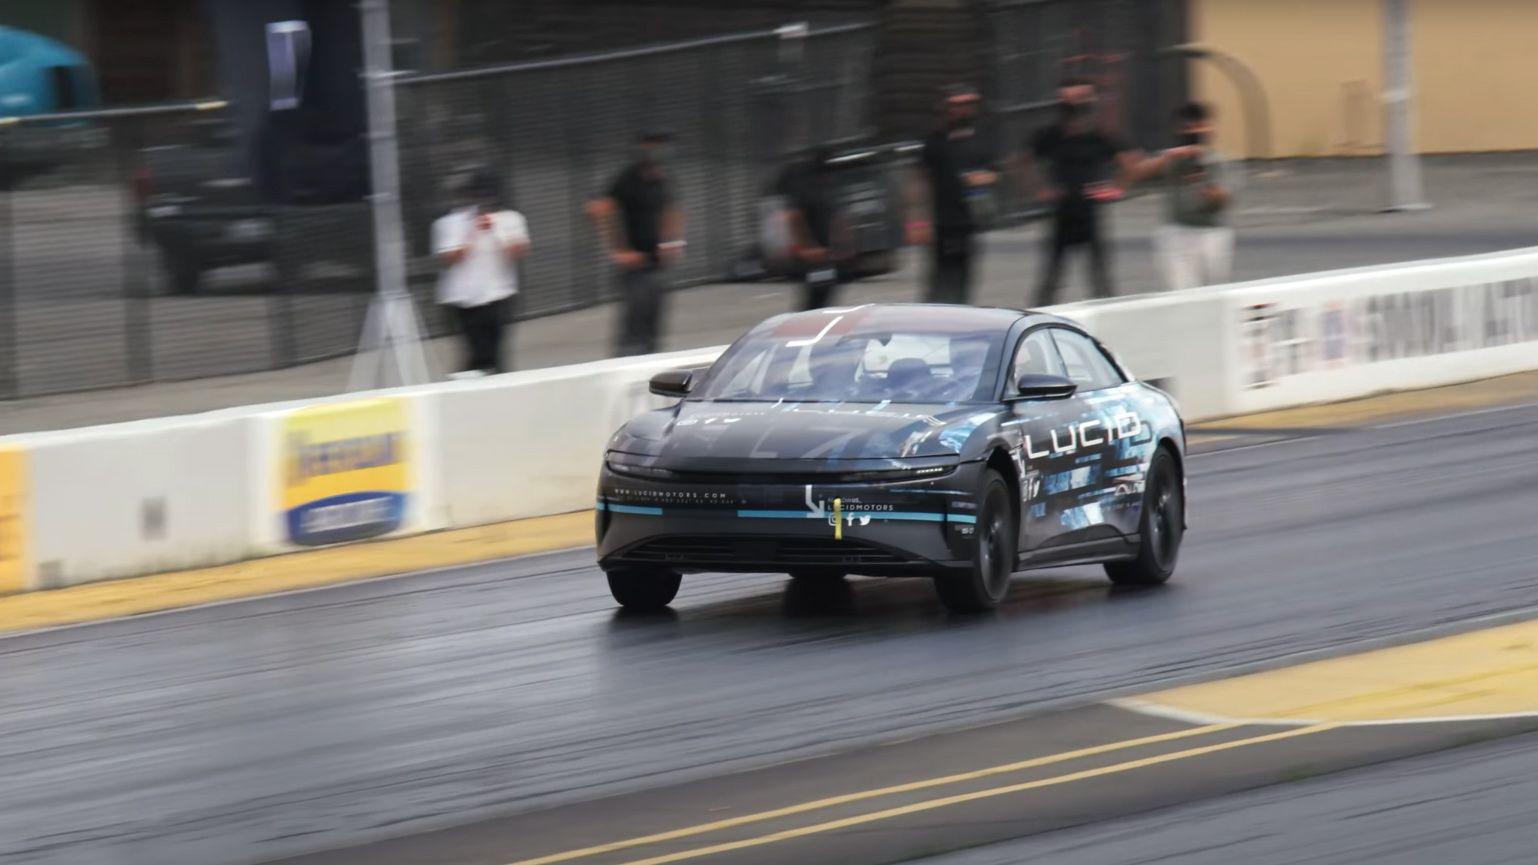 Lucid Air oppnådde en quarter mile-tid på imponerende 9,9 sekunder på dragstripa. I videoen kan også skimtes en Tesla Model S ved siden av.